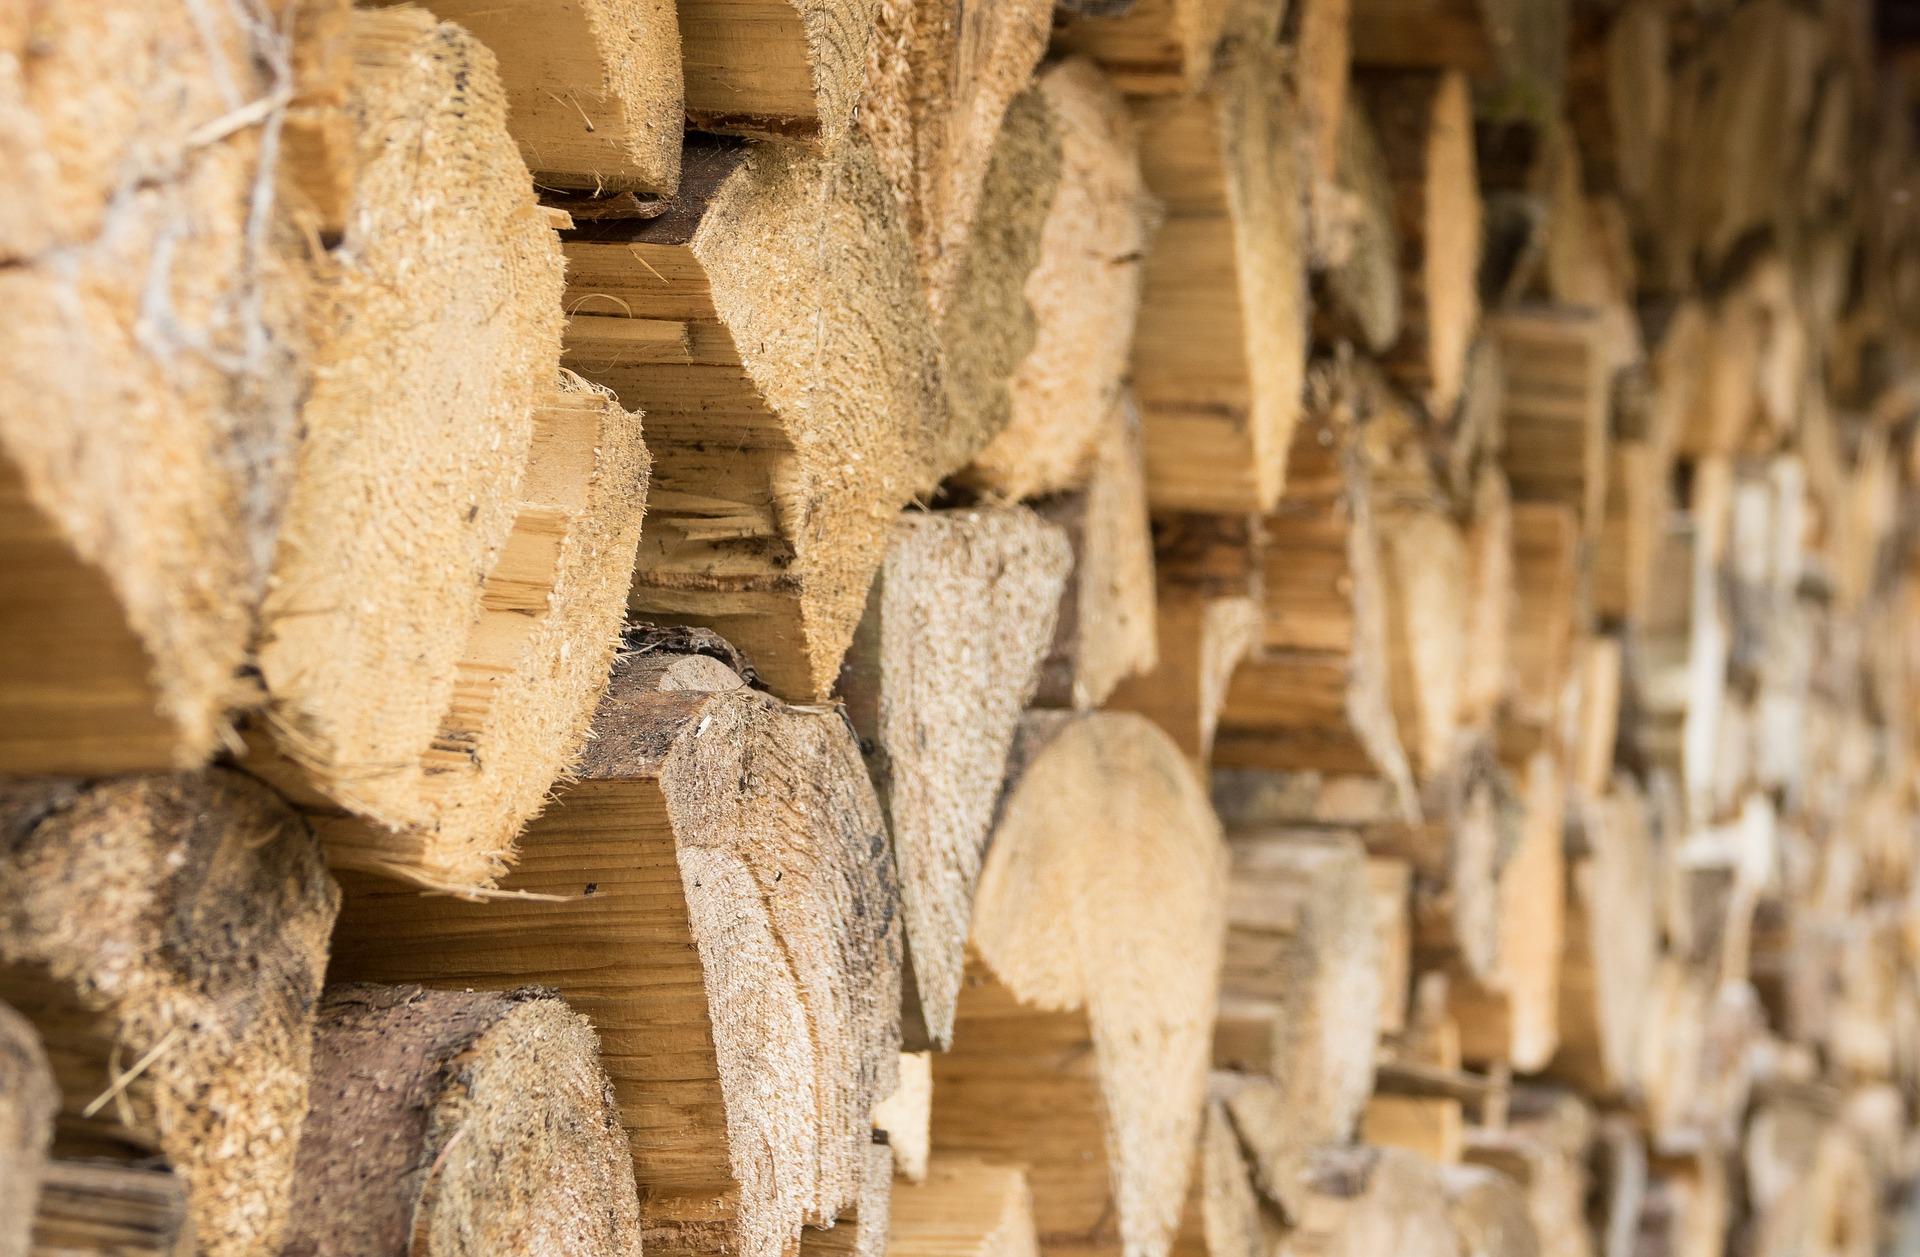 Choisir une fendeuse à bois : guide d'achat